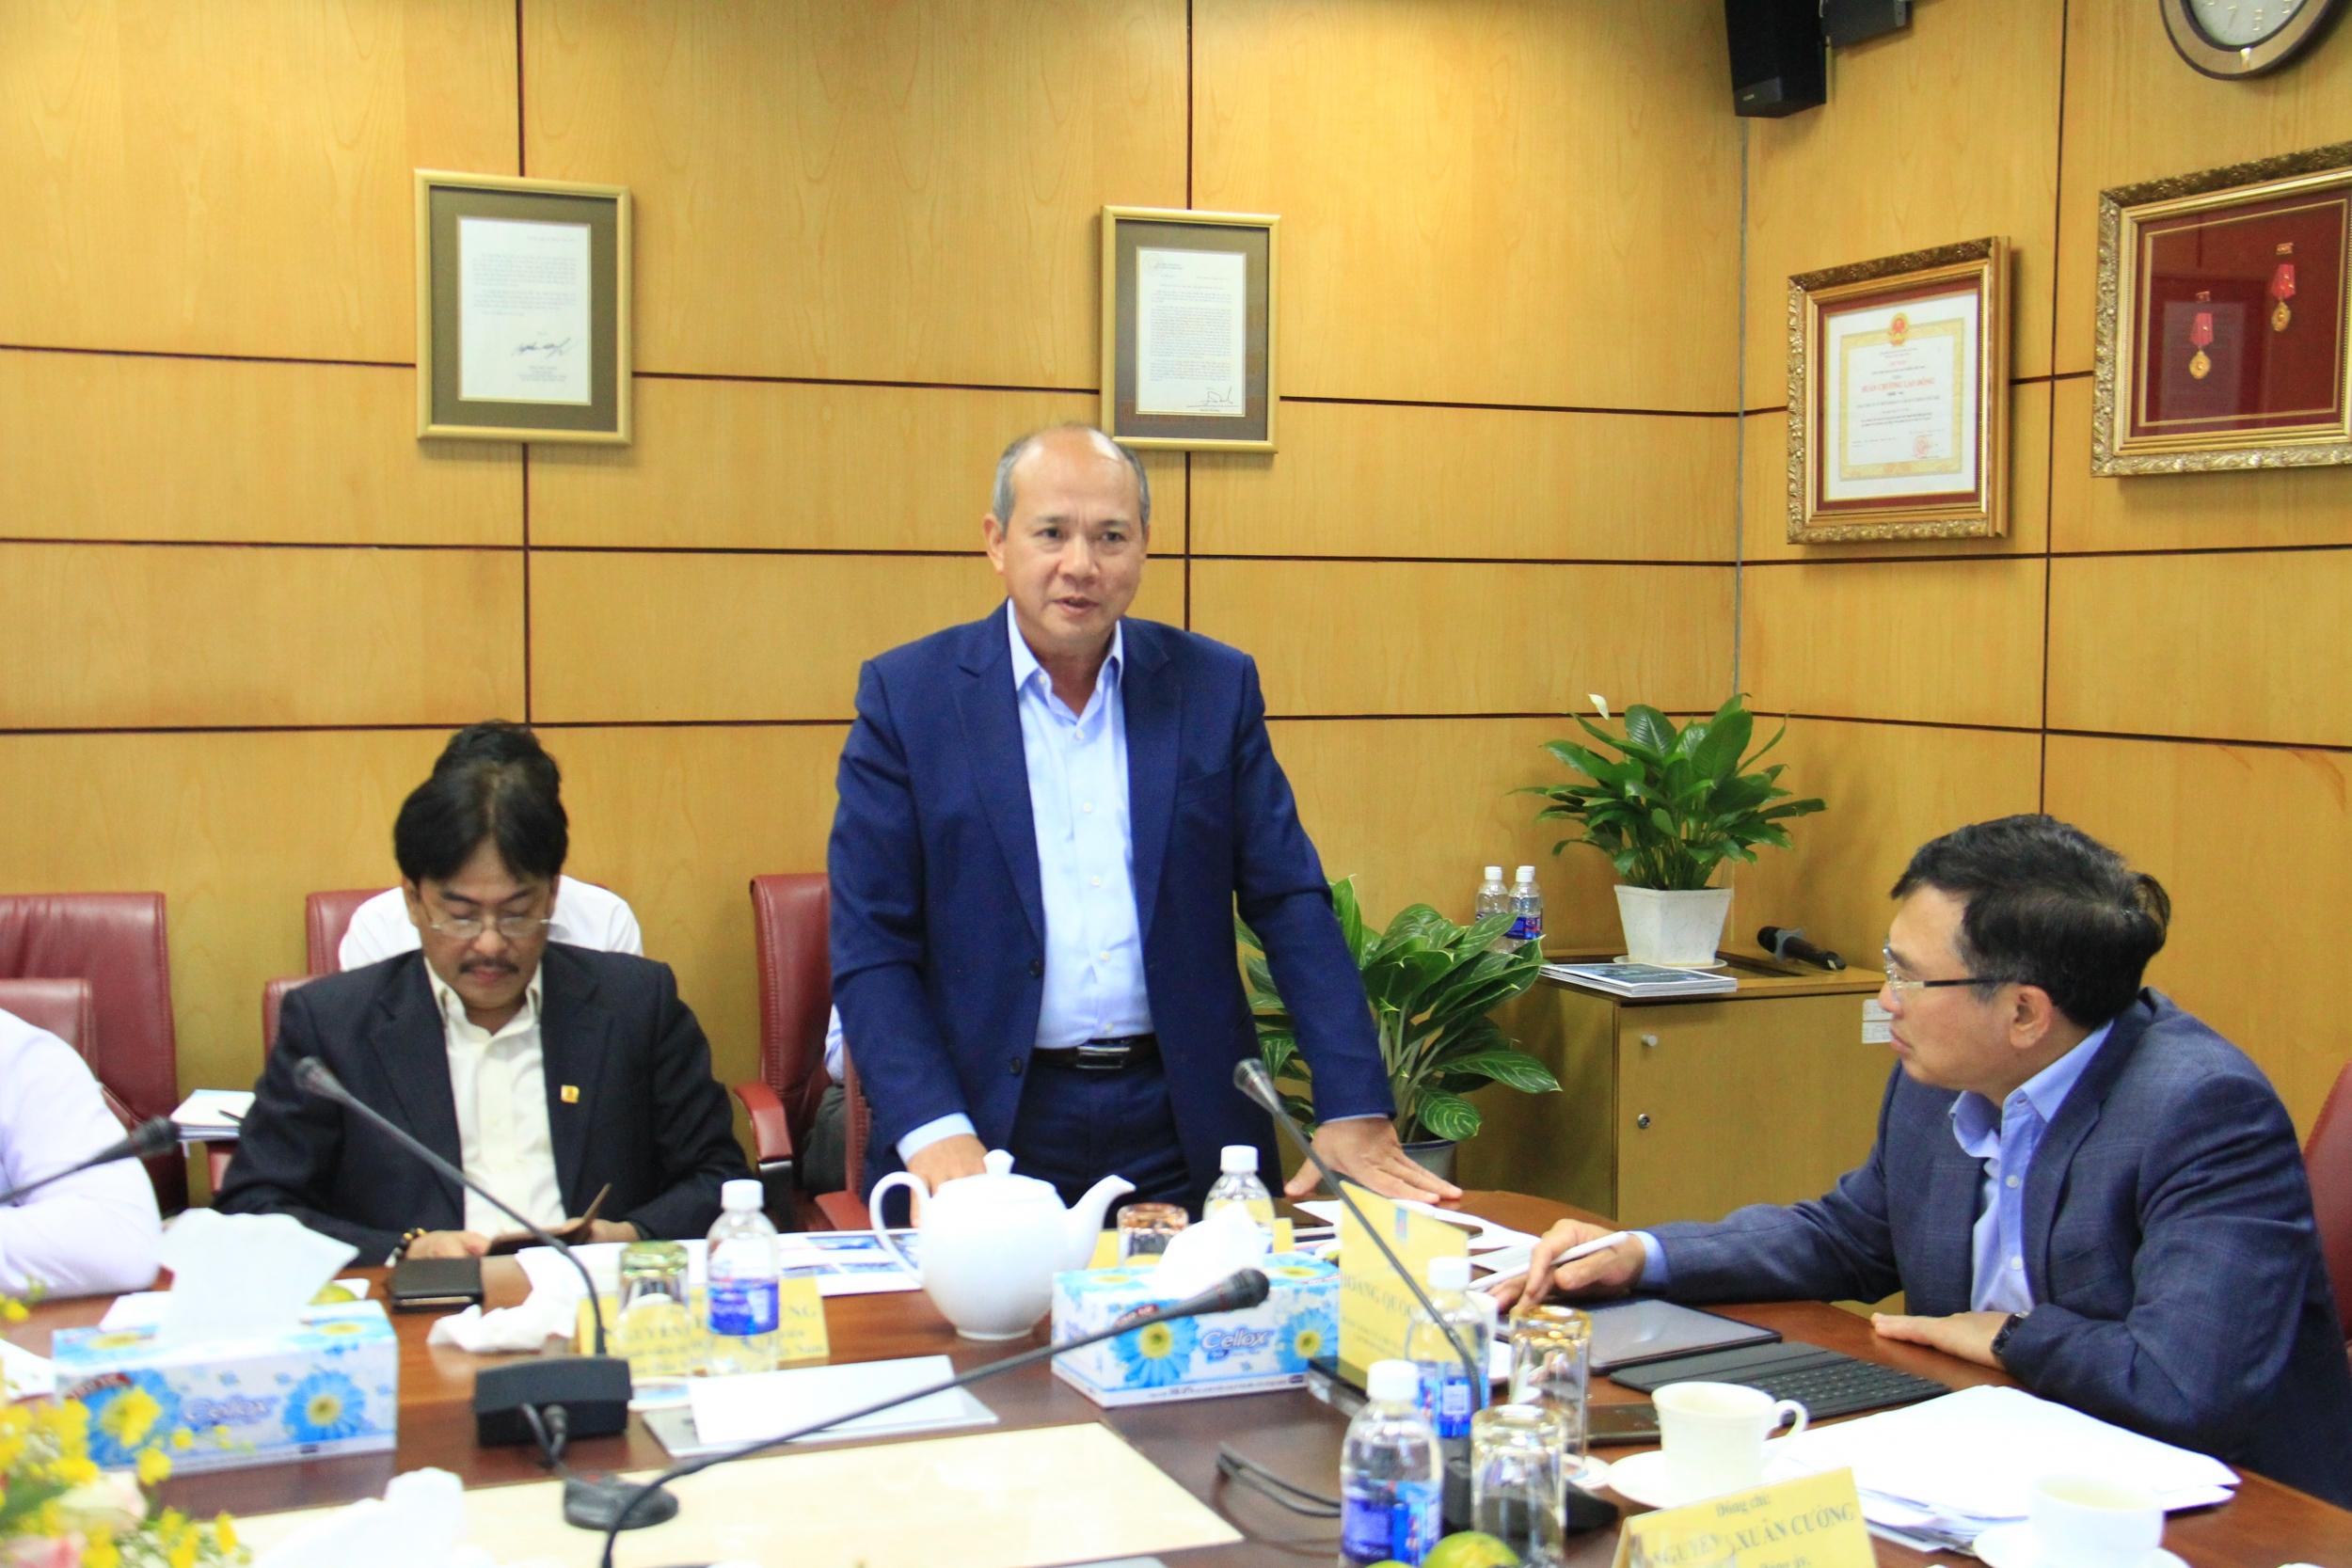 Đồng chí Hoàng Quốc Vượng: PV Drilling có vai trò, đóng góp rất quan trọng đối với Petrovietnam